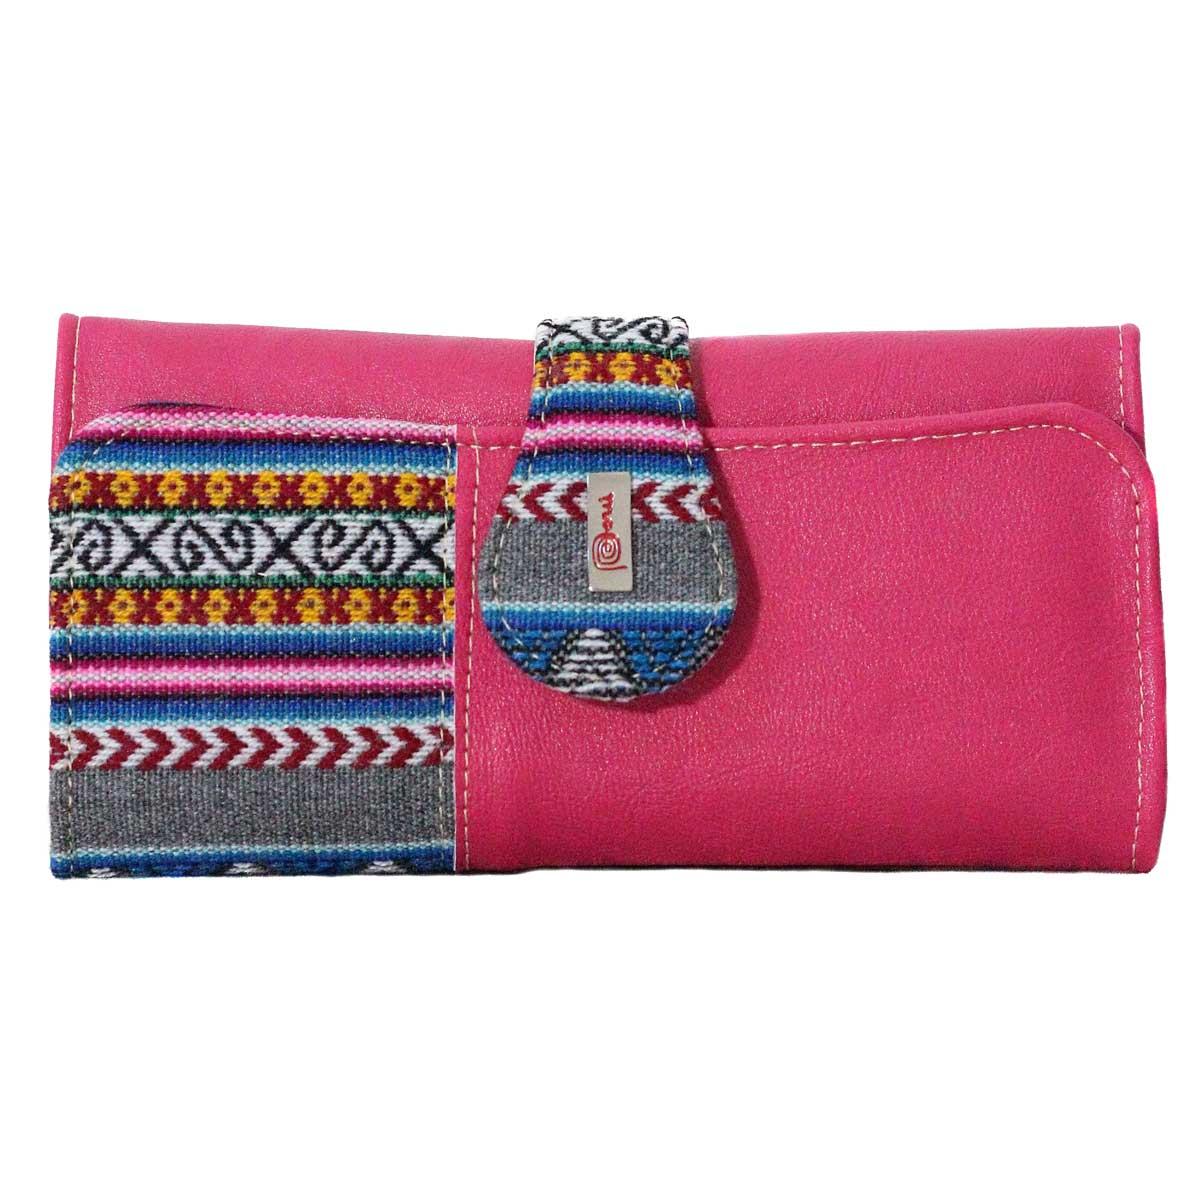 Inka-Products-Portefeuille Péruvien SUNQU-Rose Foncé Coloré Ethnique